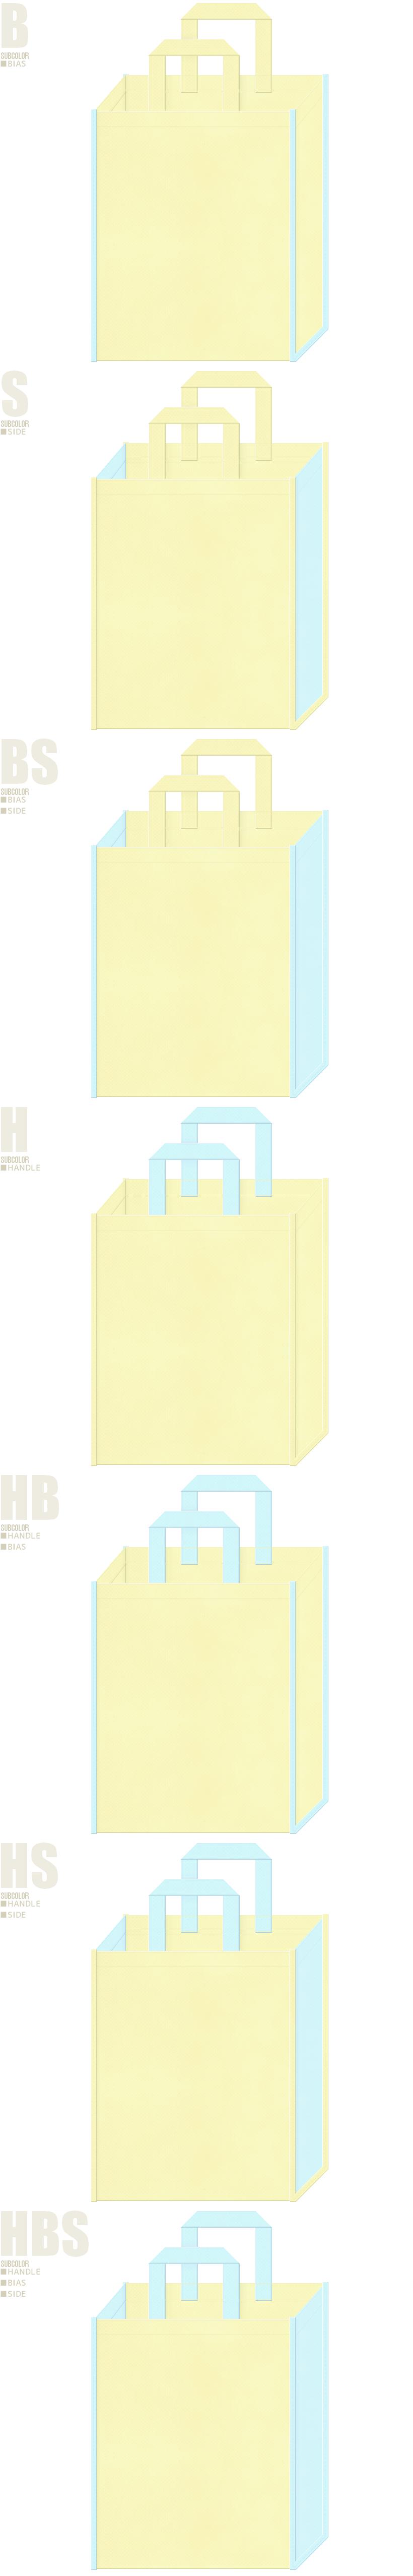 優しさ・ゆるさ・リラックス・絵本・おとぎ話・介護用品・潤い・化粧水・洗剤・石鹸・洗面用品・バス用品・ガーリーデザイン・パステルカラーの不織布バッグにお奨め:薄黄色と水色の配色7パターン。